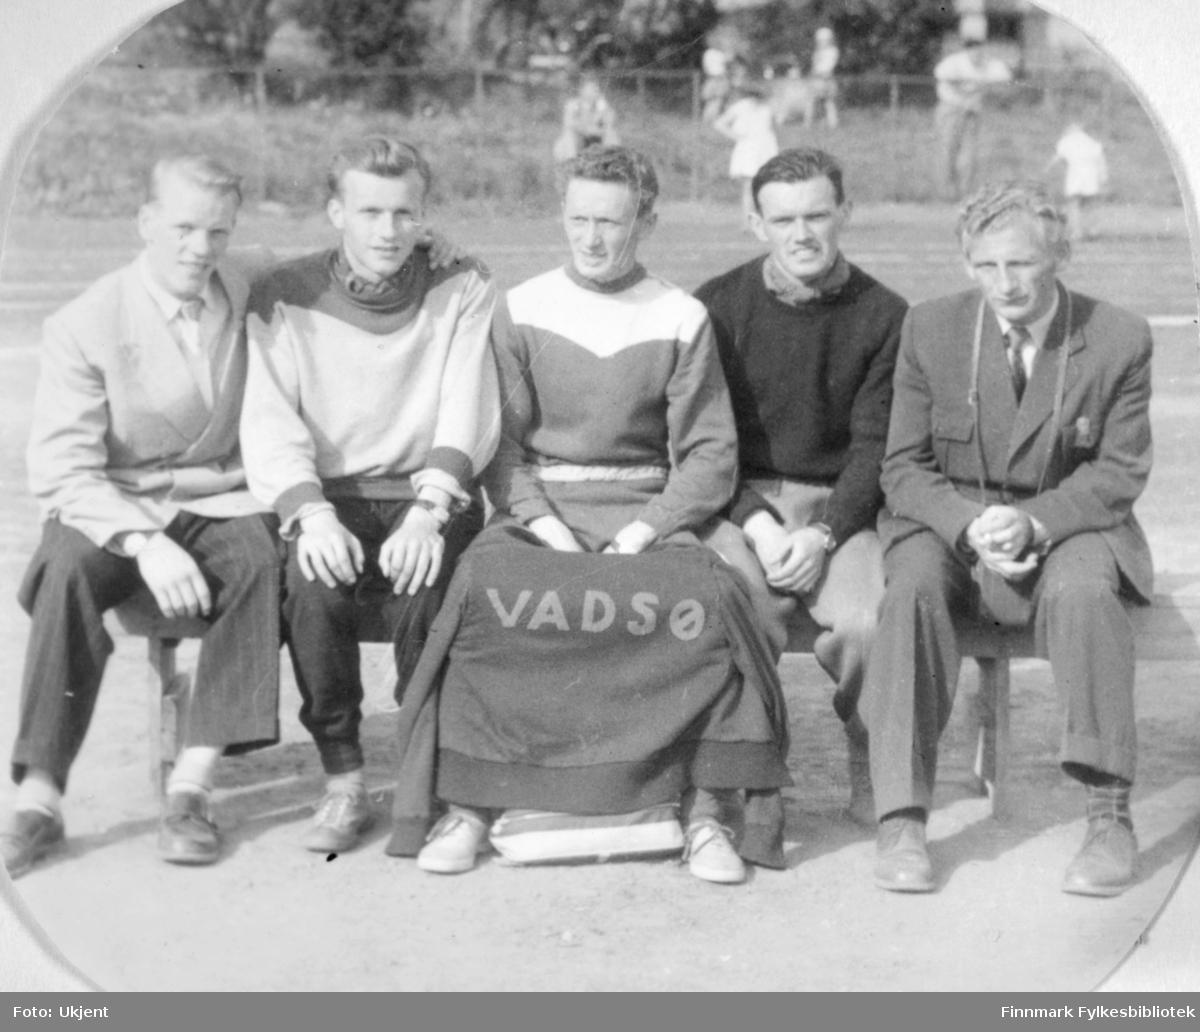 Fra det Nordnorske mesterskapet i friidrett 1954 i Harstad. Finnmarks deltagere fra Venstre: Olrik Olsen, KIF, Per Bjørgan, Vadsø Turn, Ragnvald Dahl, Vadsø Turn, Arnulf Olsen, Stein Hammerfest og Evald Hansen, Vadsø Turn.